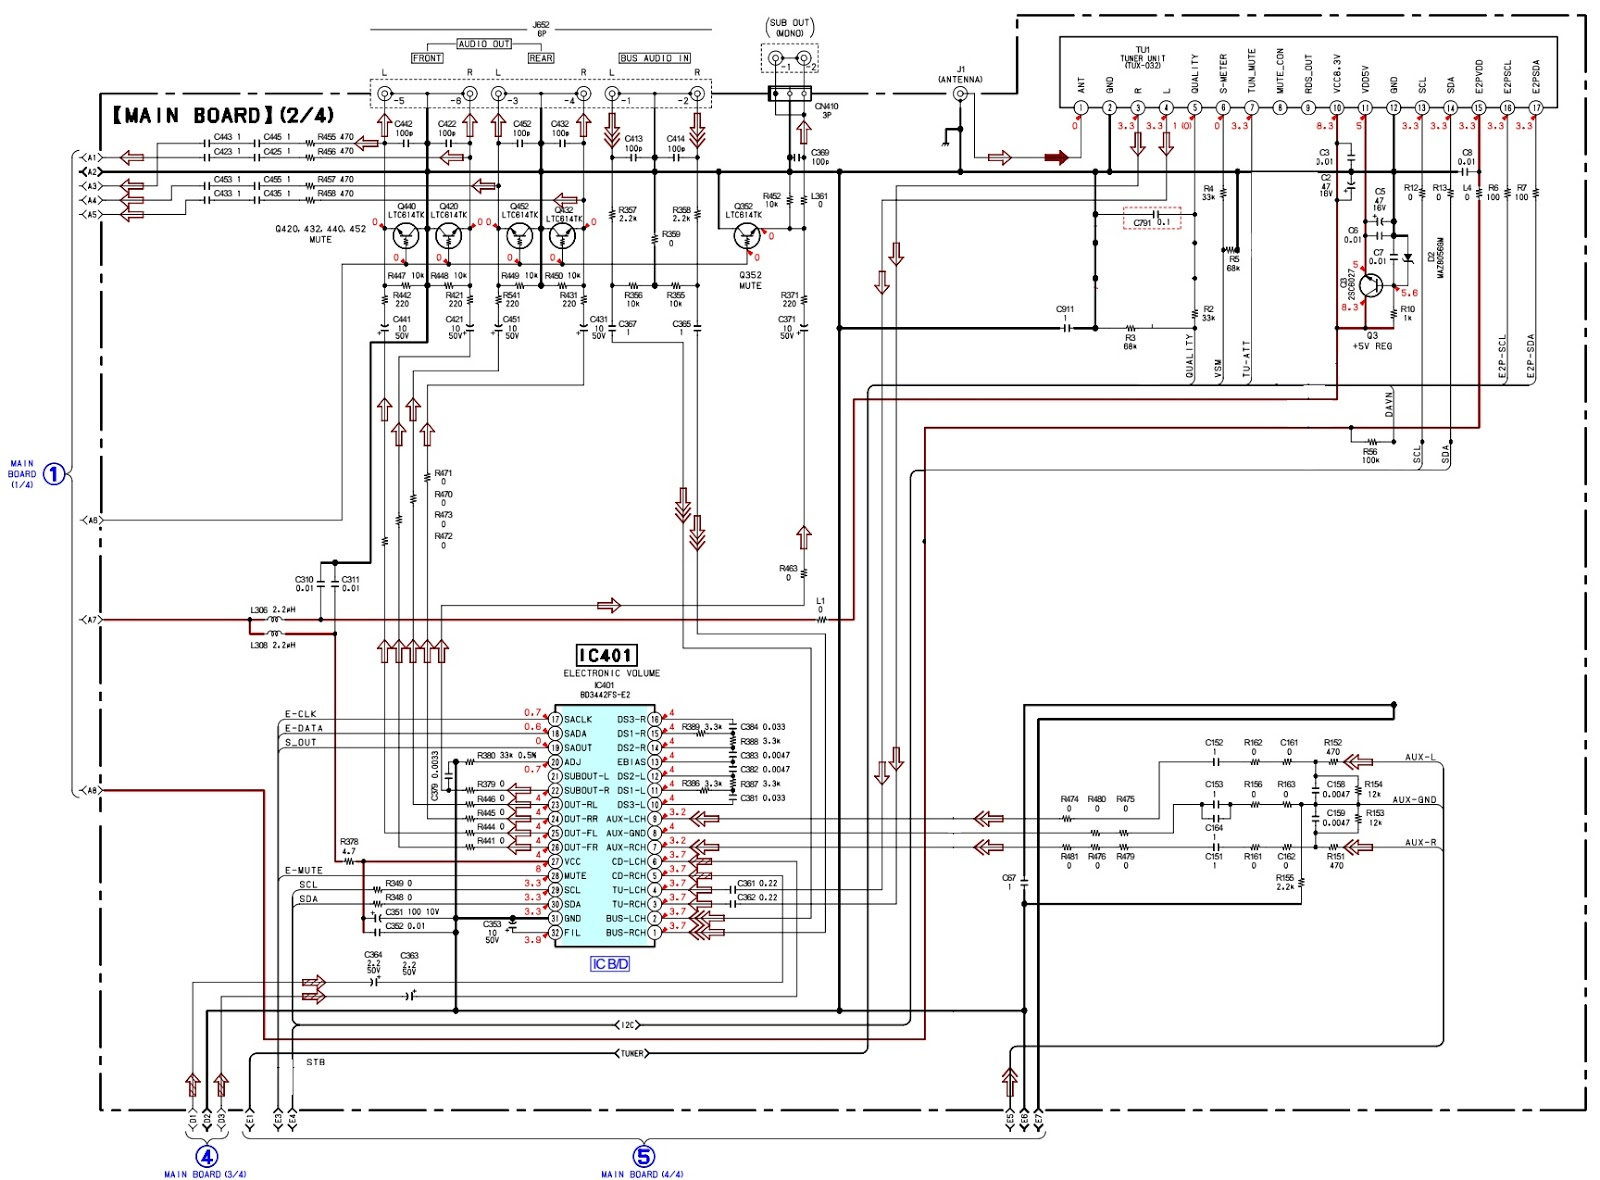 vizio tv input diagram leviton phone jack wiring bing images